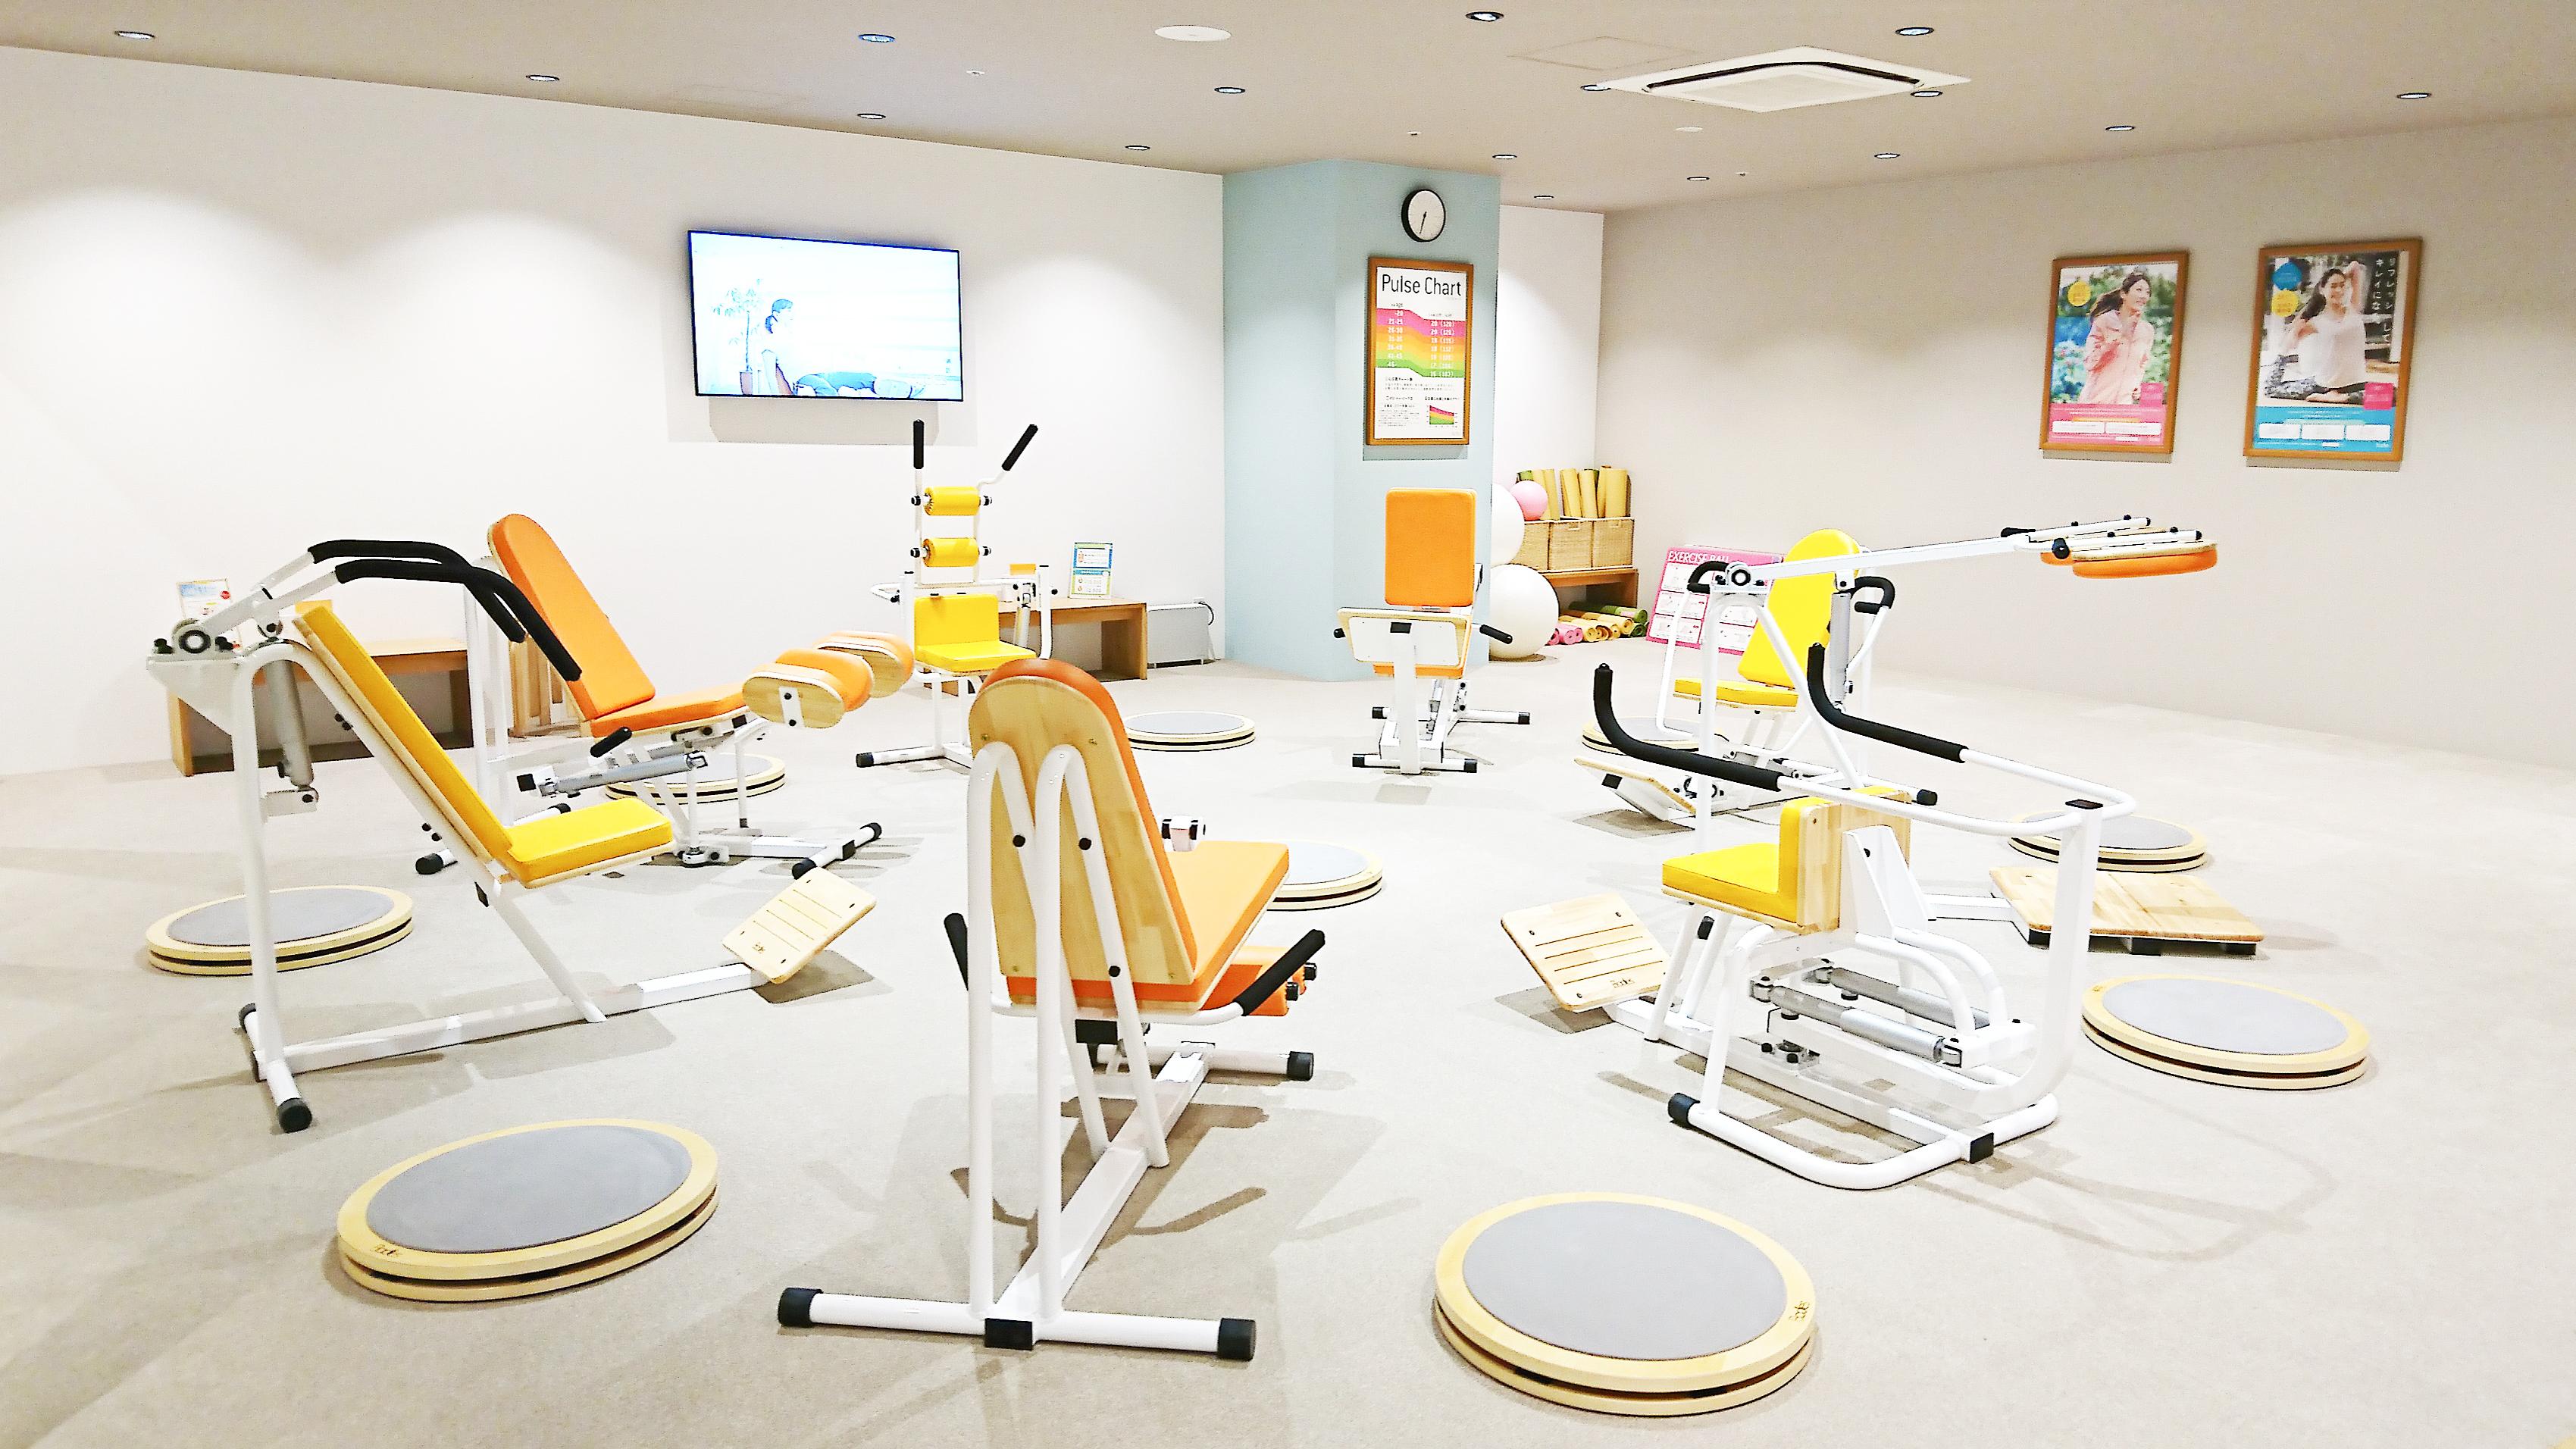 静岡パルシェトレーニングジム